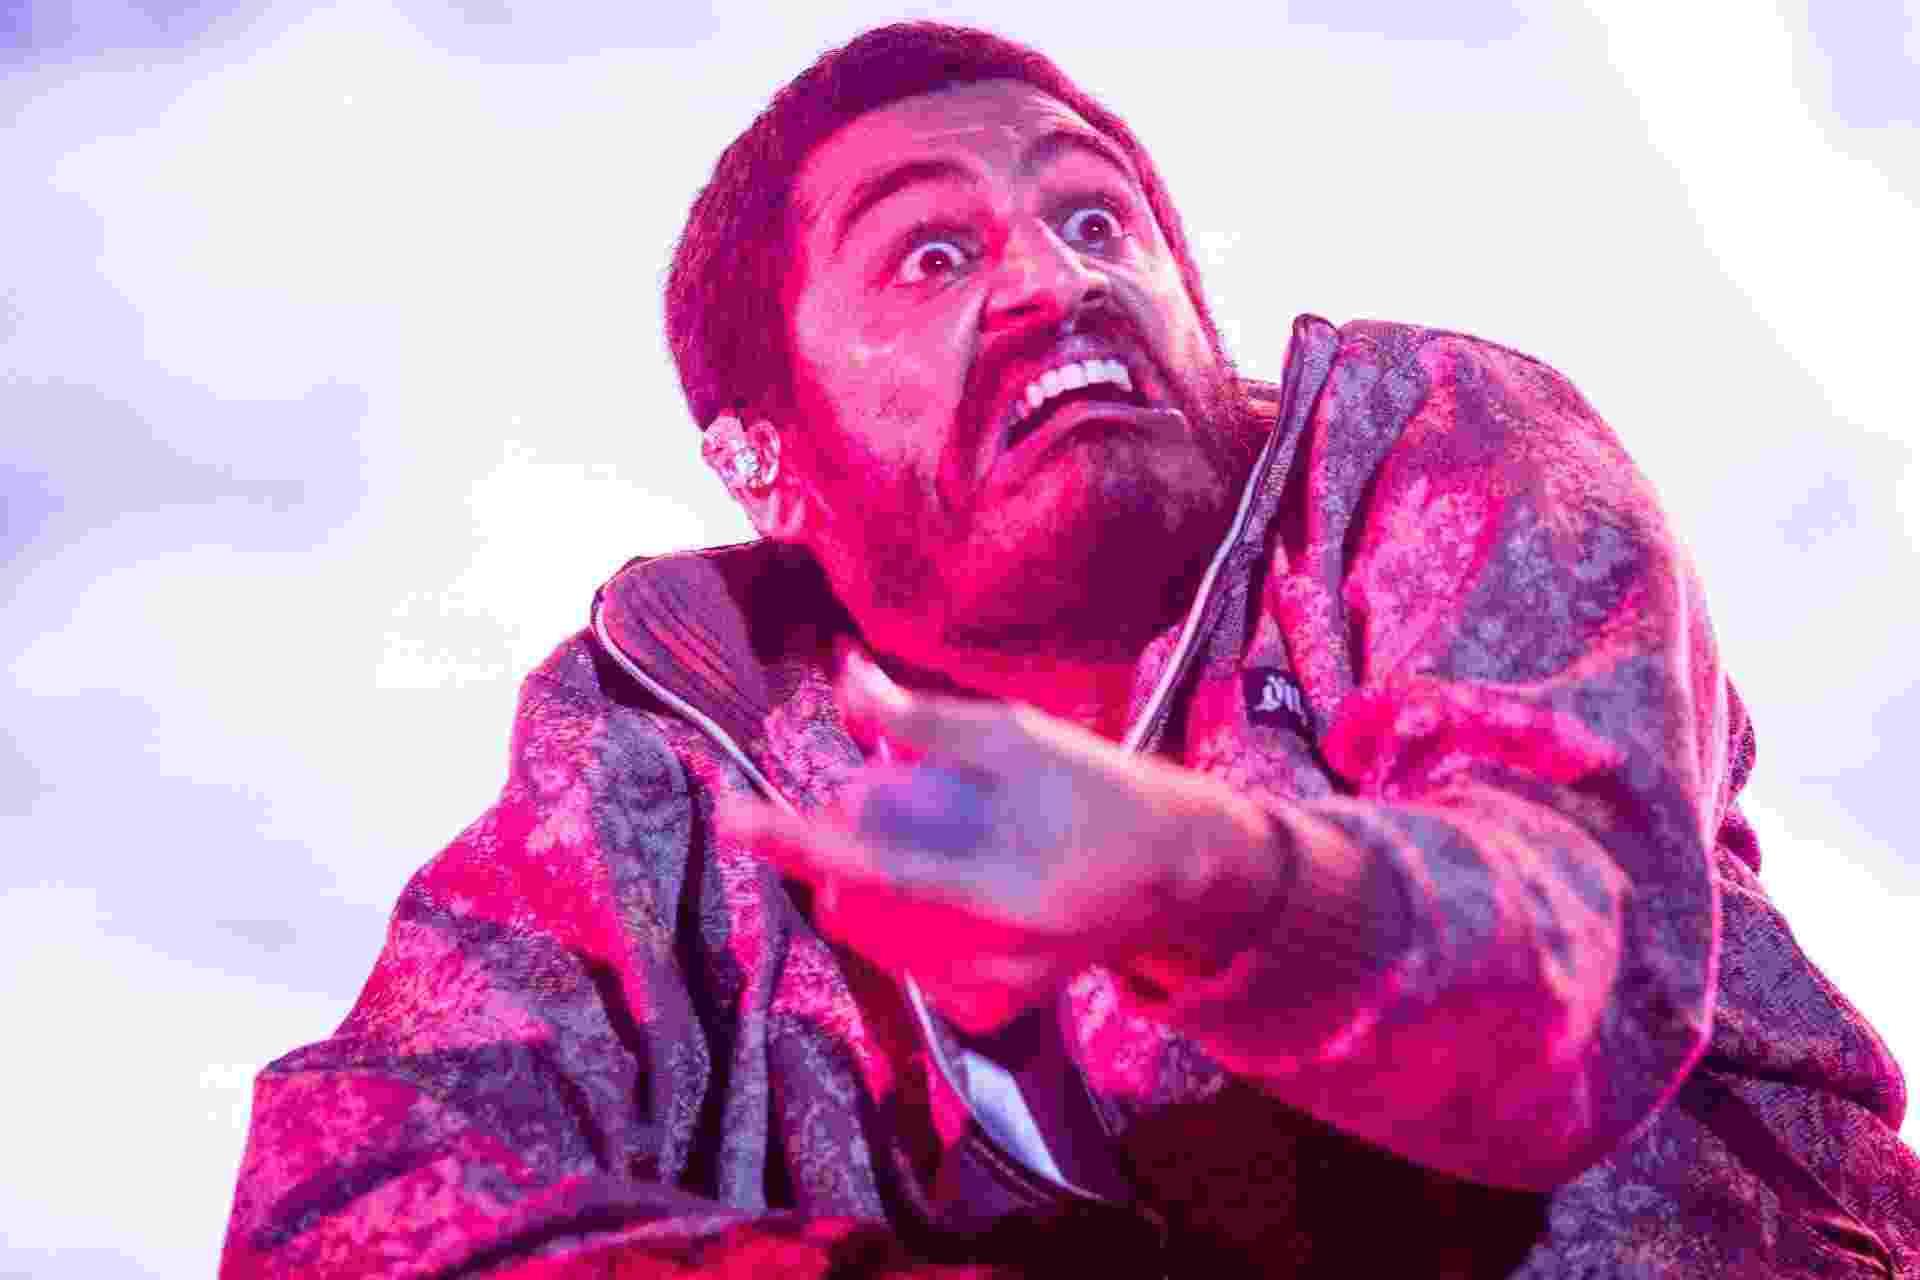 O rapper Criolo se apresentou no Lollapalooza, no Autódromo de Interlagos, e no palco abusou das caras e bocas - Keiny Andrade/Folhapress